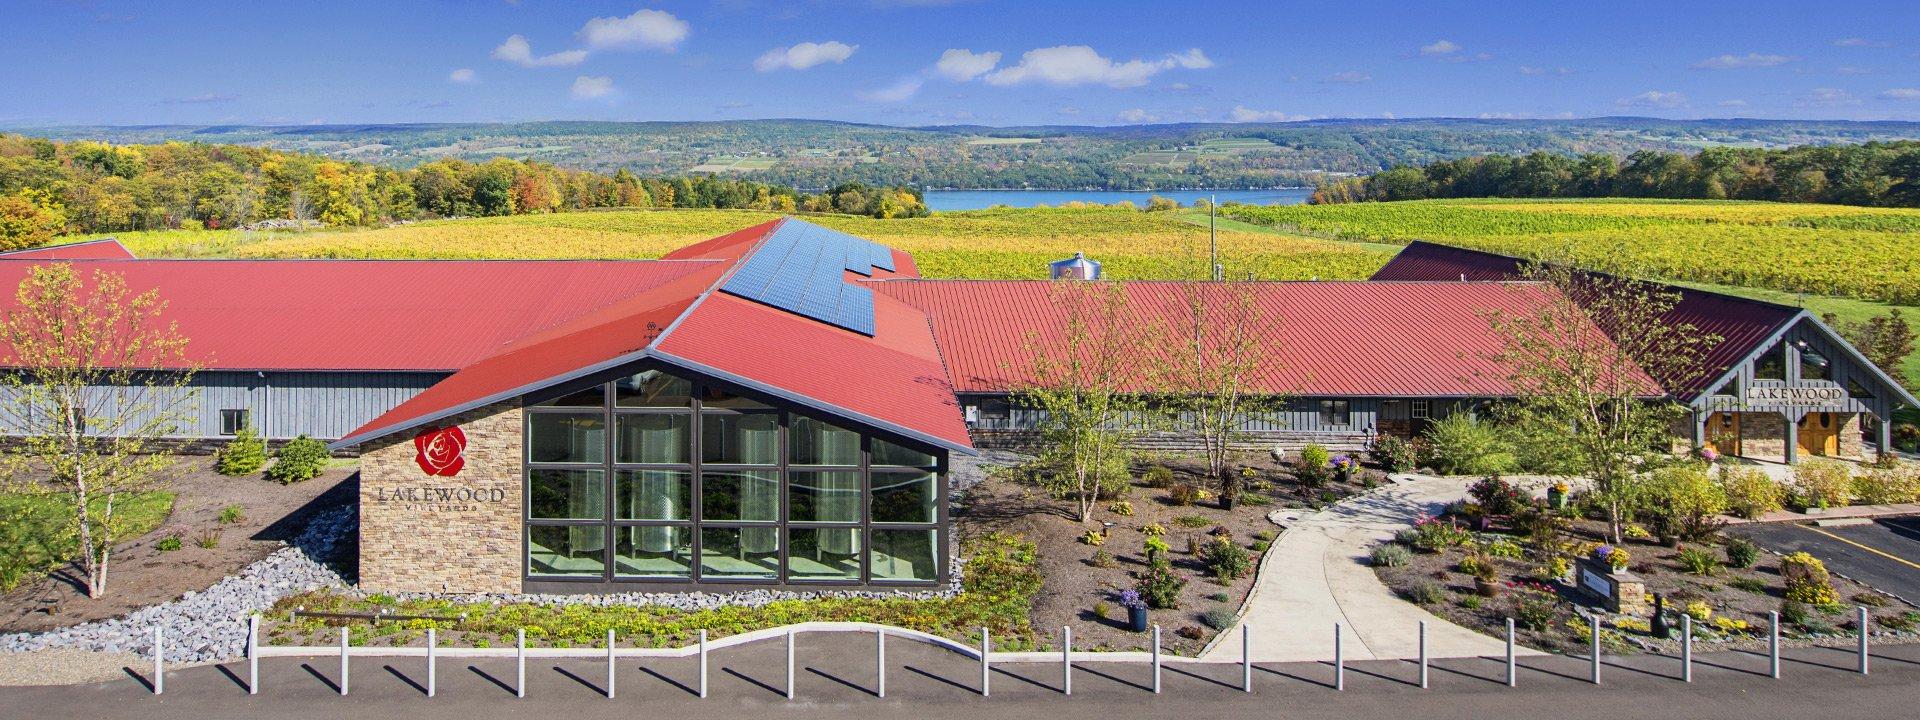 Lakewood Vineyards: Finger Lakes Wine Tastings